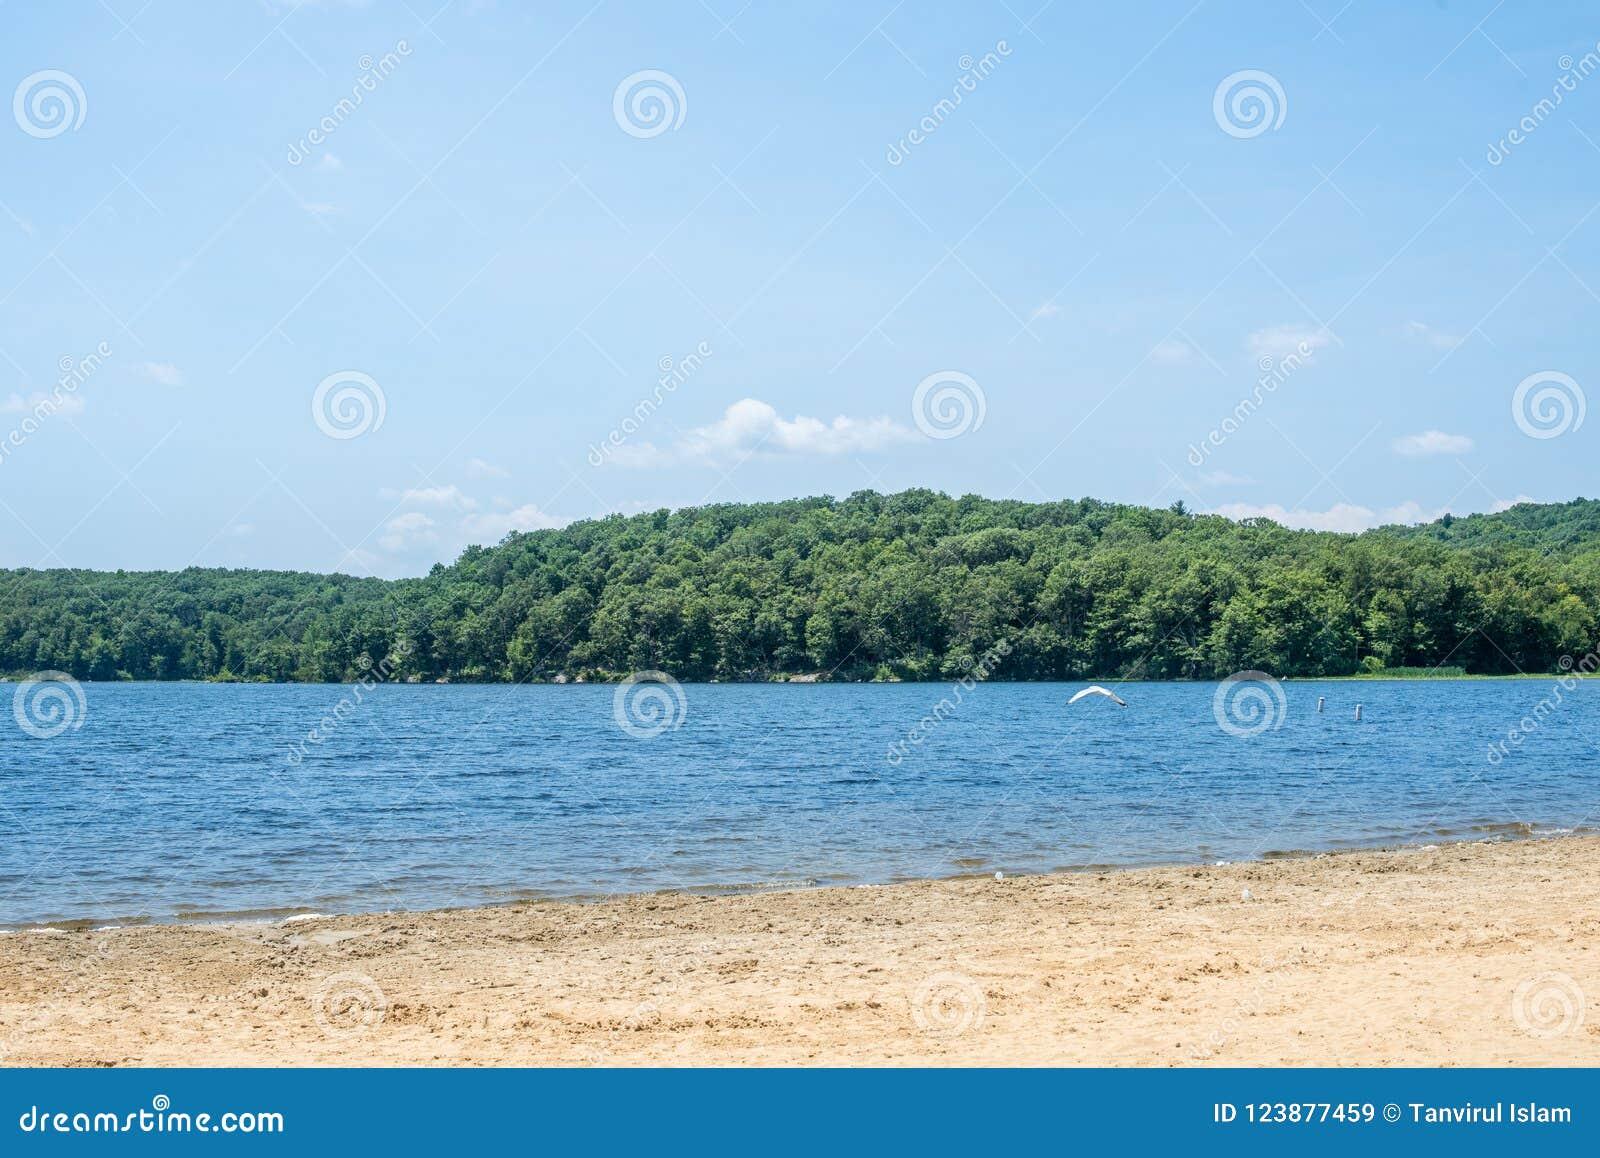 Agua azul lateral del lago con los árboles verdes